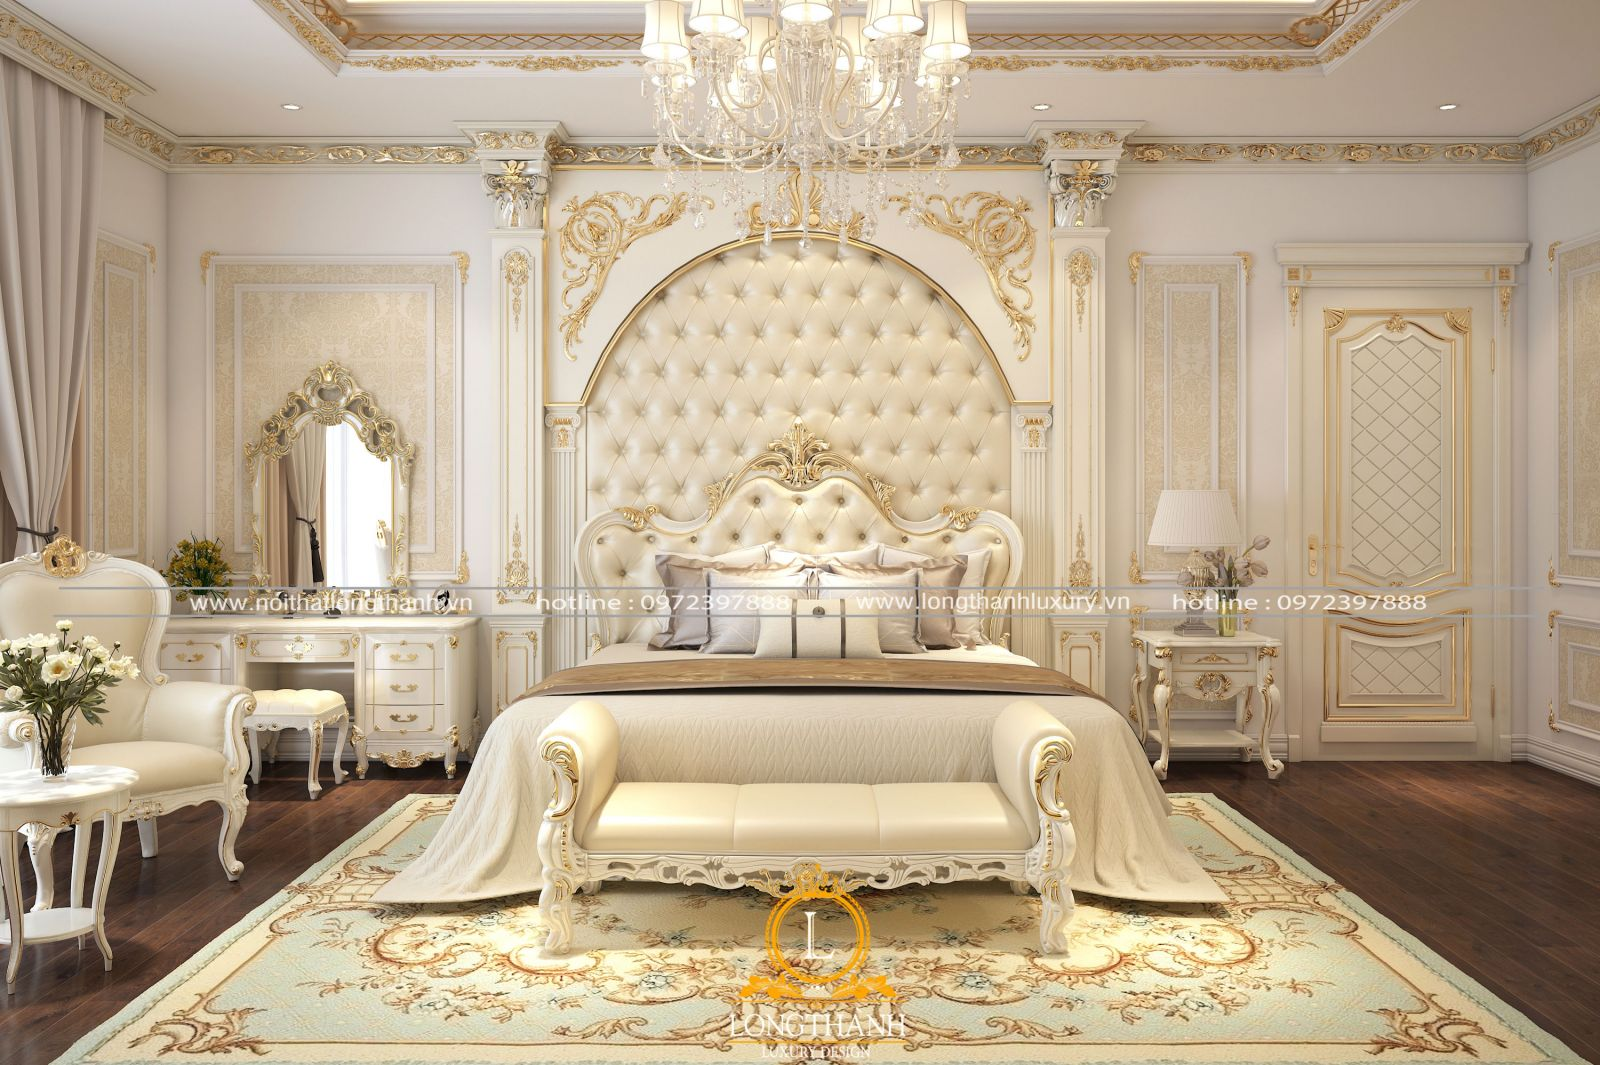 Thiết kế nội thất phòng ngủ tân cổ điển đẹp, tiện nghi